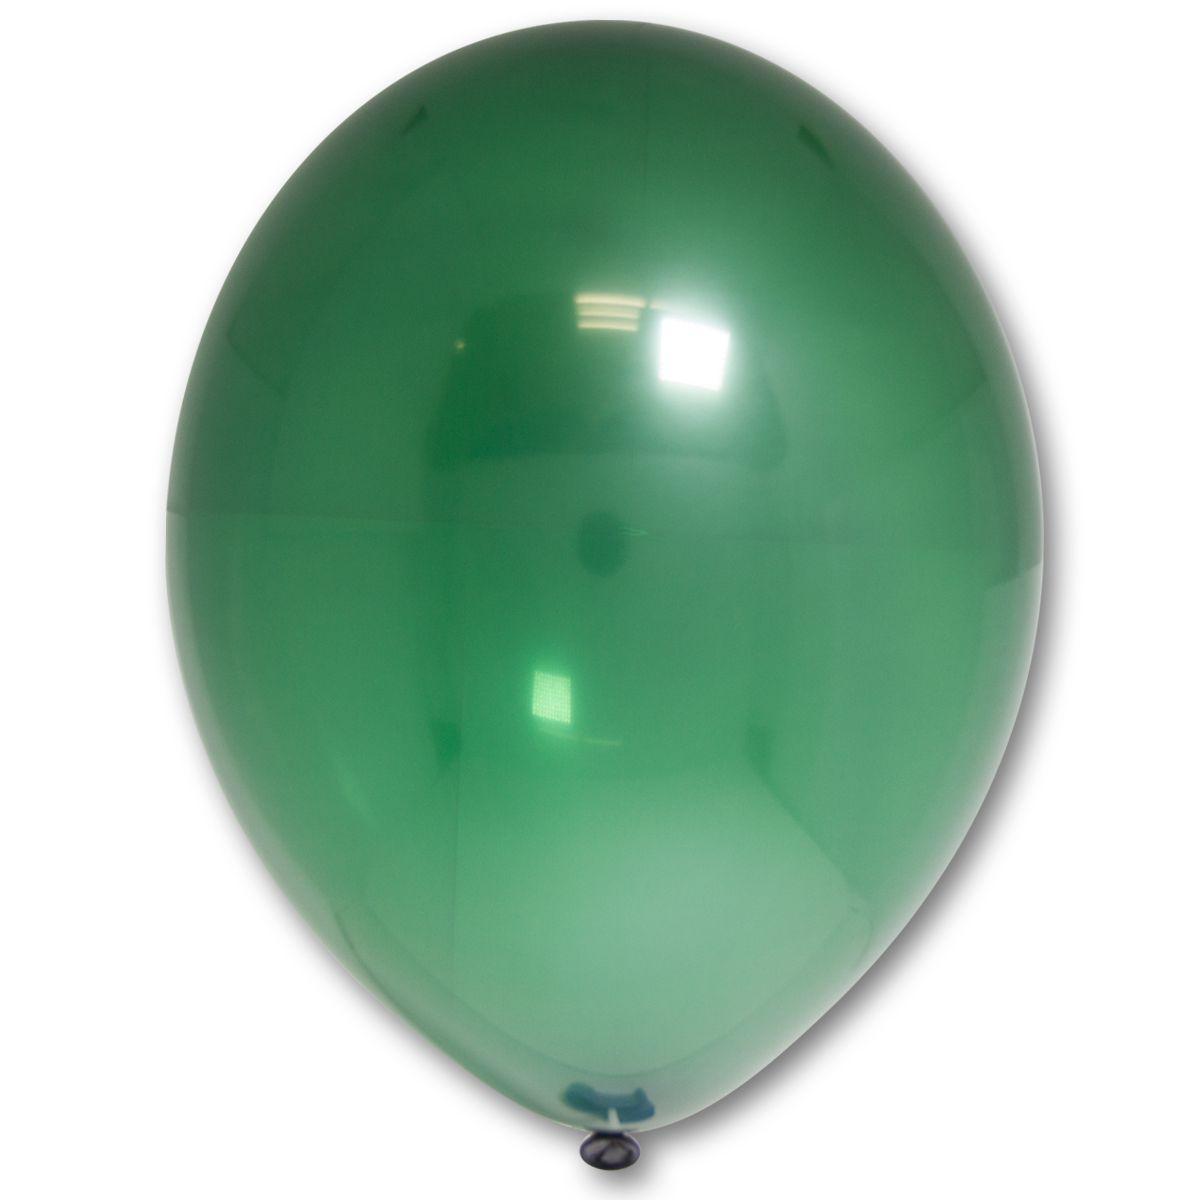 """Кулька 12""""/30 зелений 035 латекс кристал ТМ """"Belbal"""" однотонний шт."""